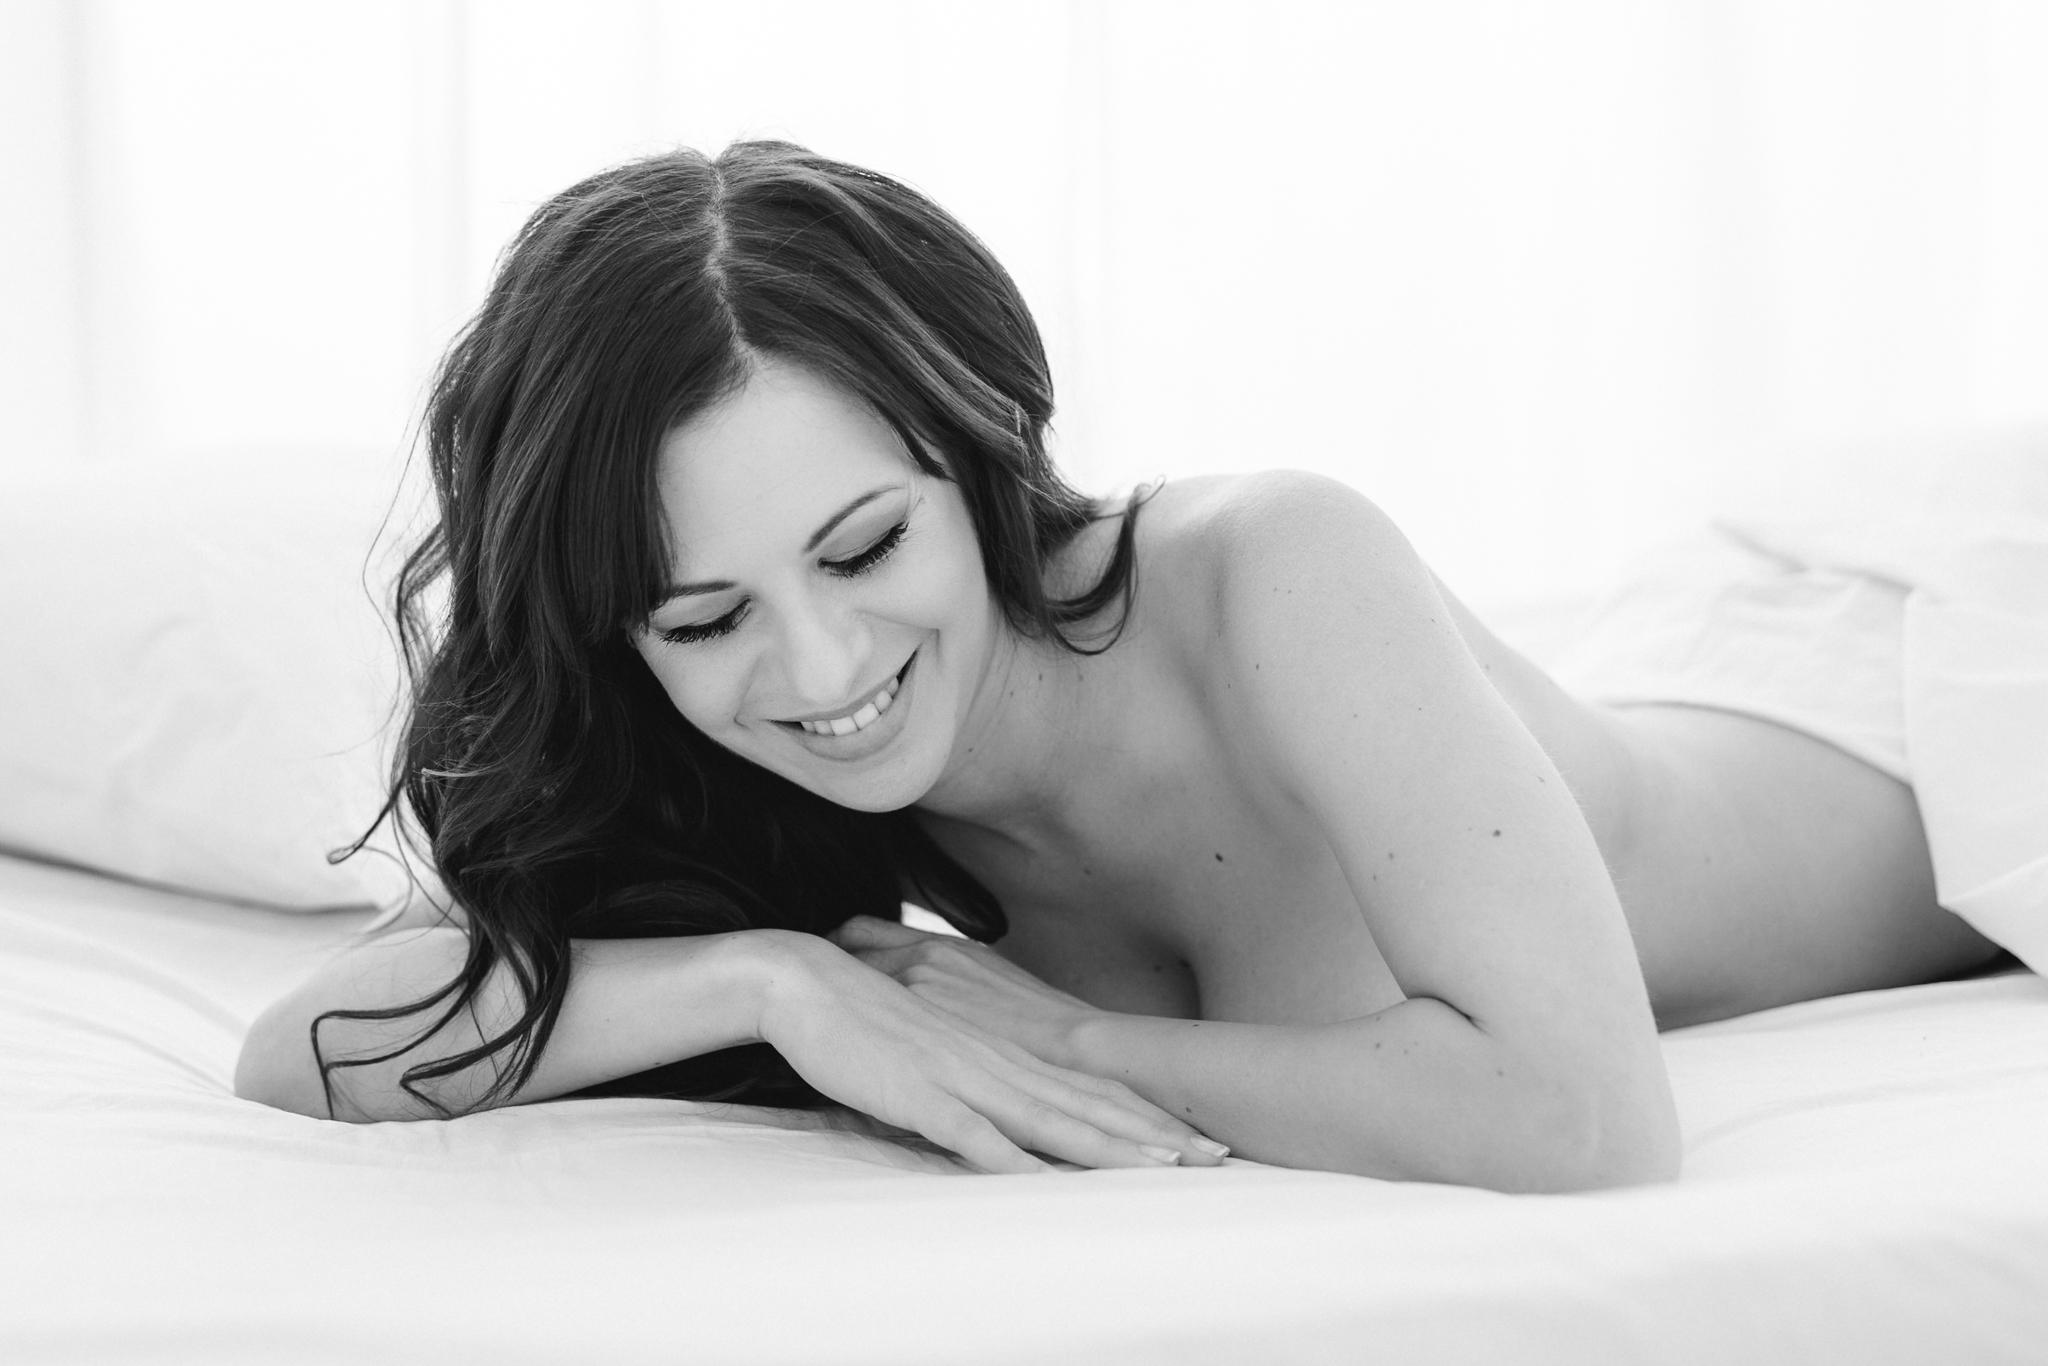 Schöne Frau beim Boudoir-Shooting fotografiert in schwarz-weiß